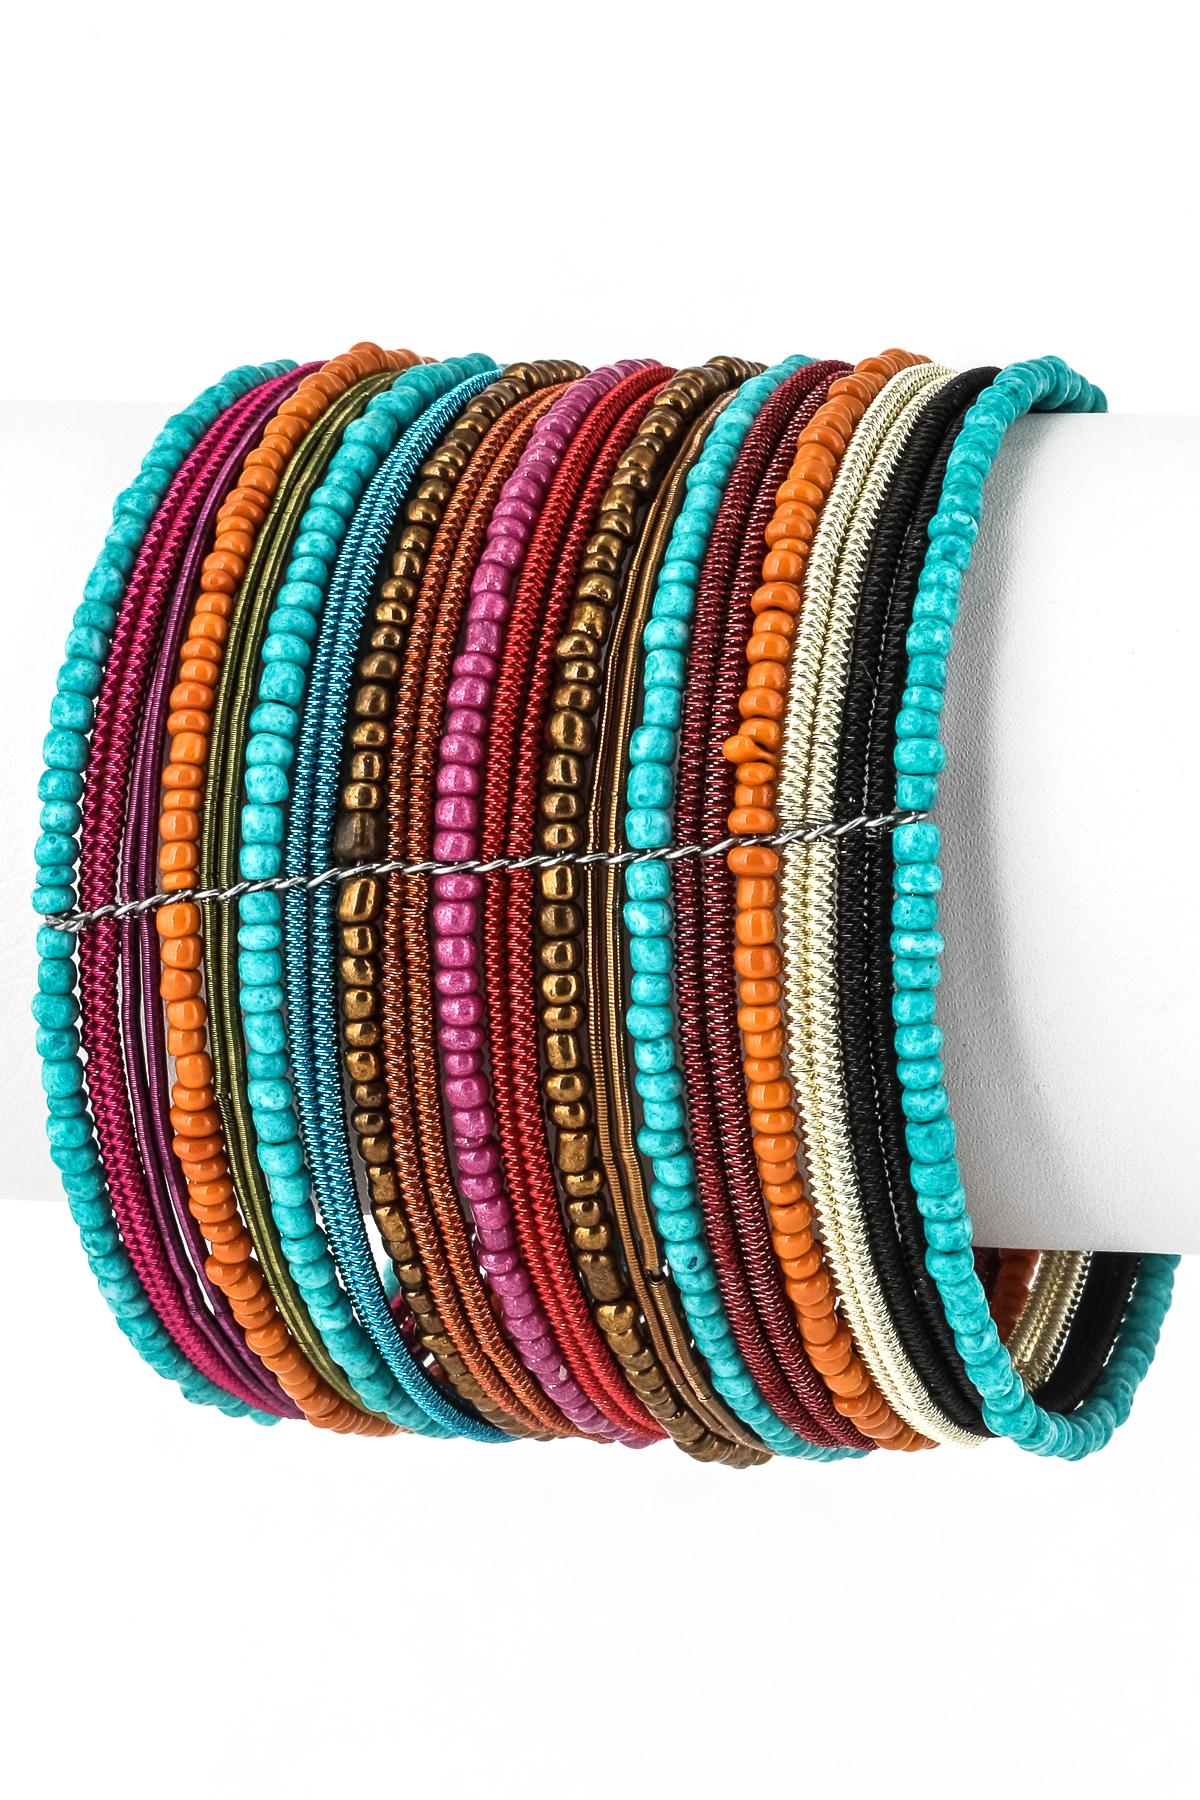 Multi Row Seed Bead Cuff Bracelet - Bracelets